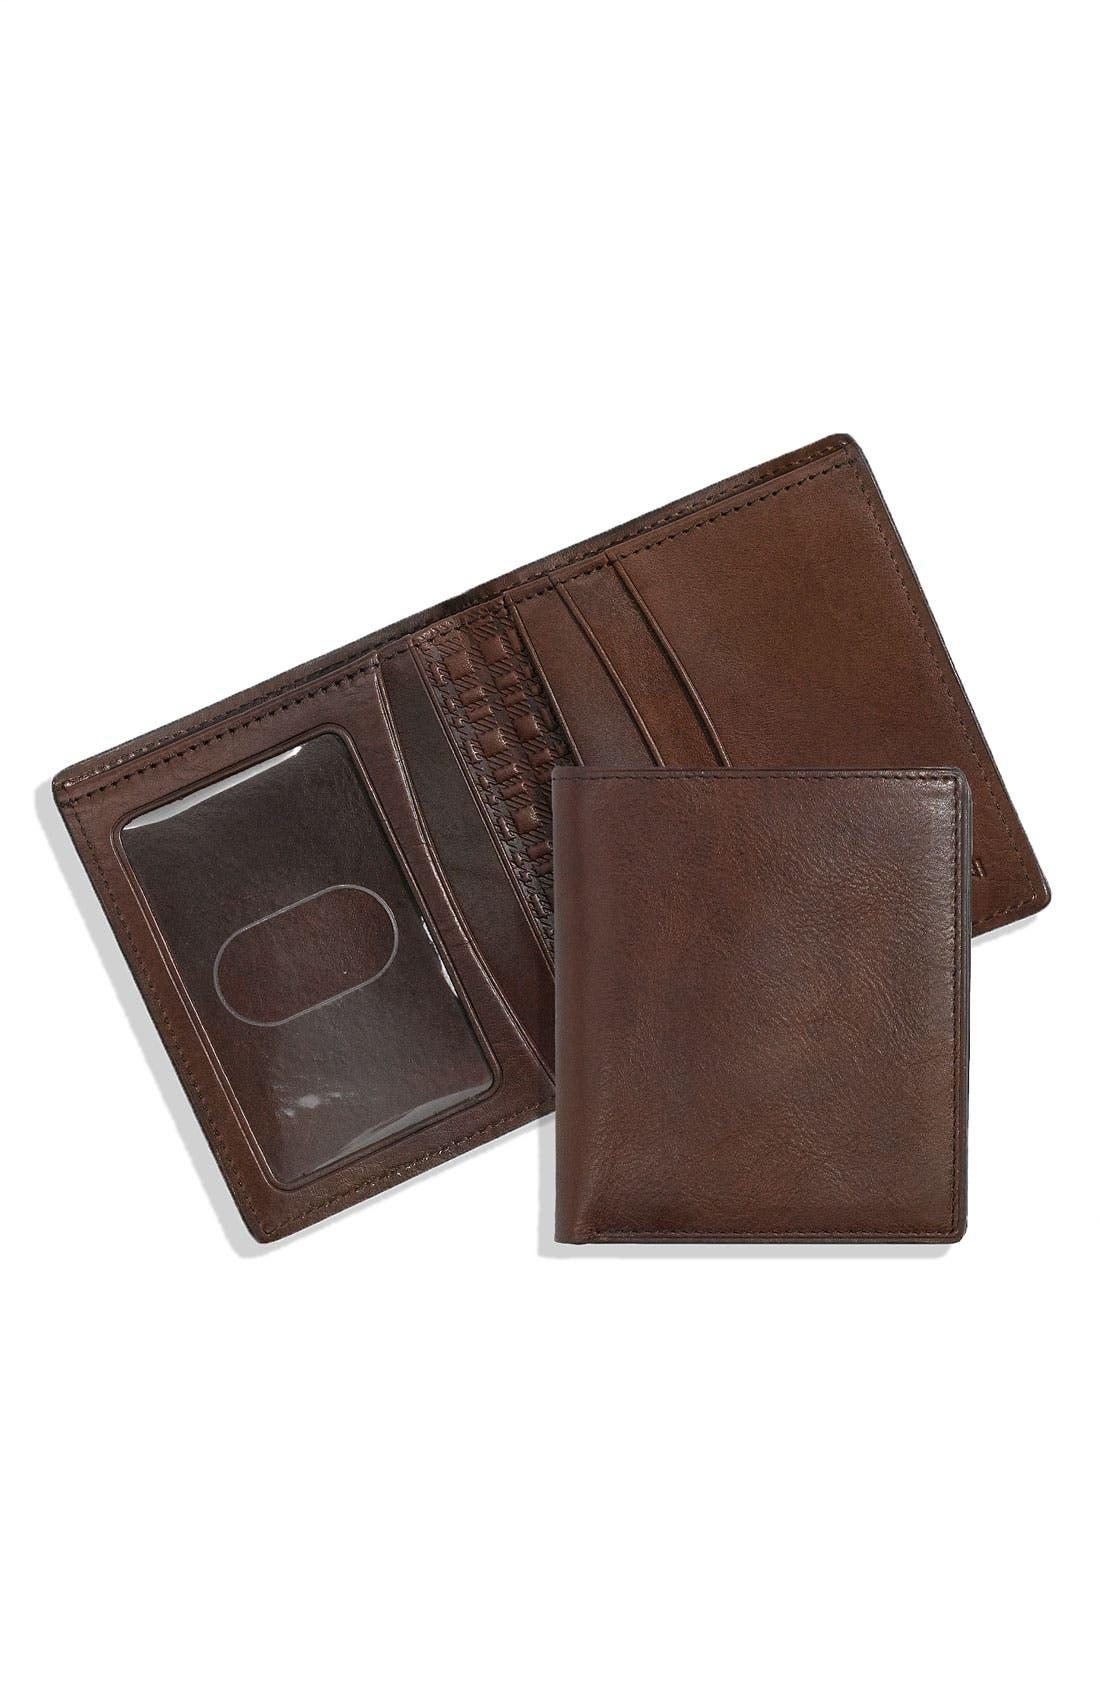 Main Image - Boconi 'Rinaldo' Compact Wallet